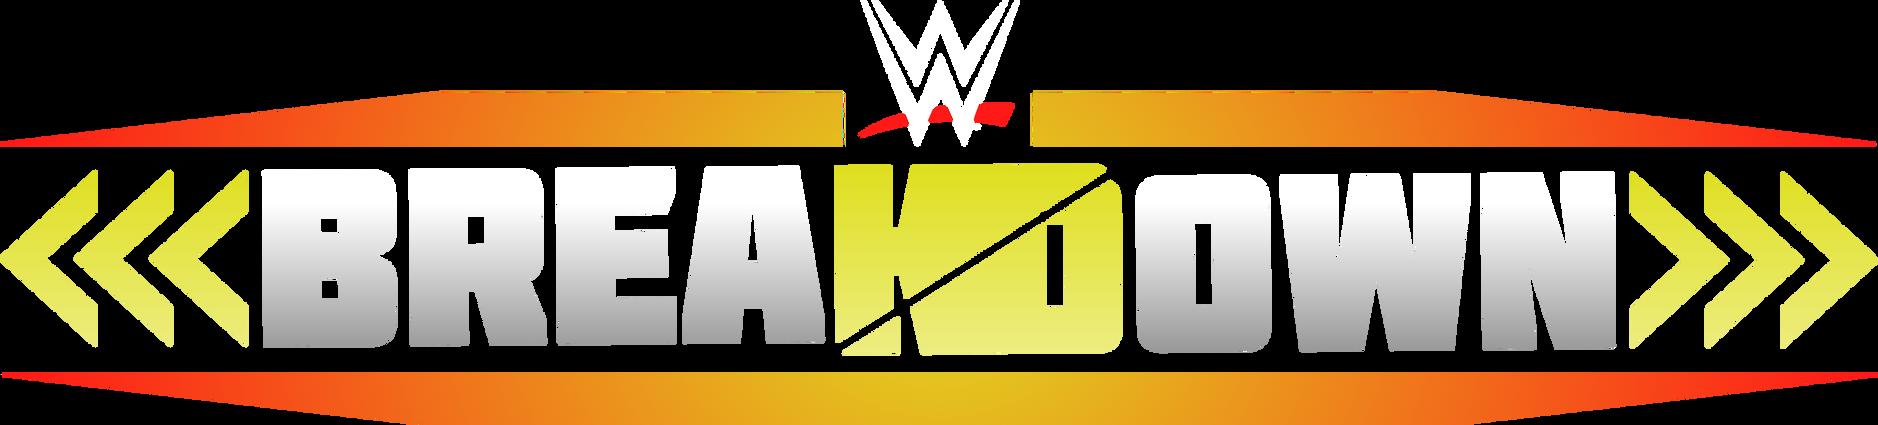 WWE Breakdown (Modernized 2019 Edit) Logo